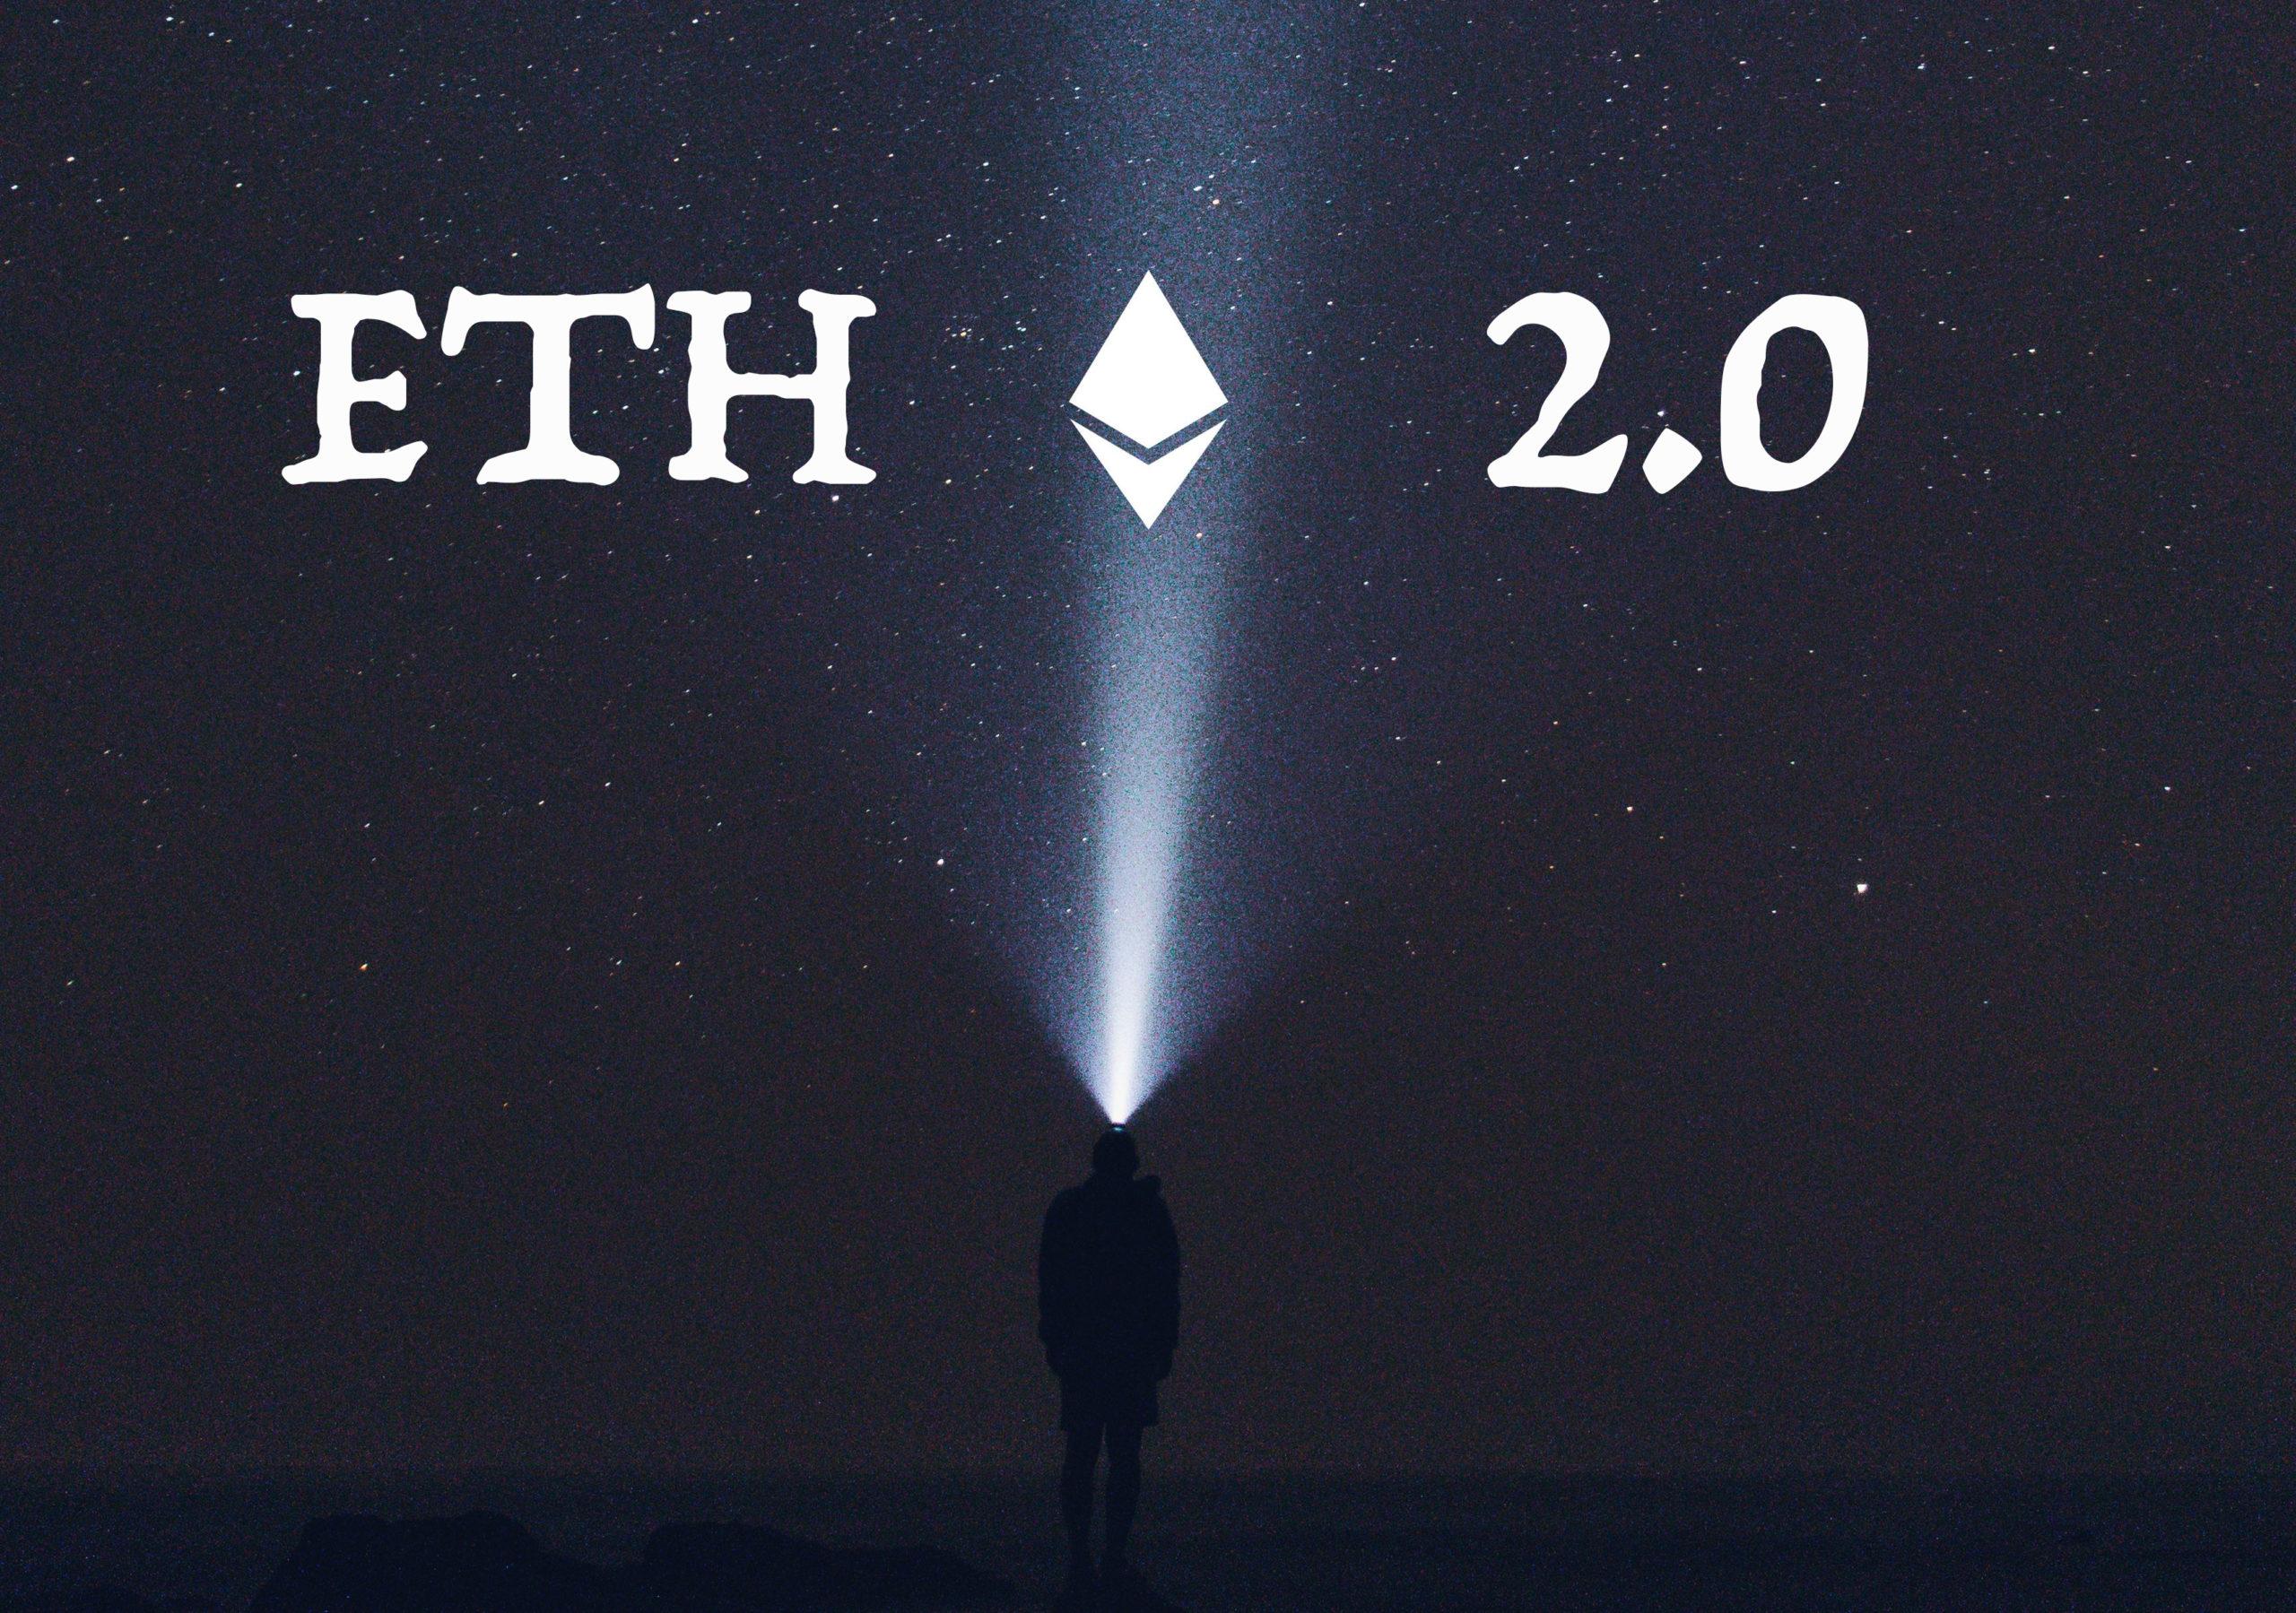 ethereum analizi eth 2.0 scaled